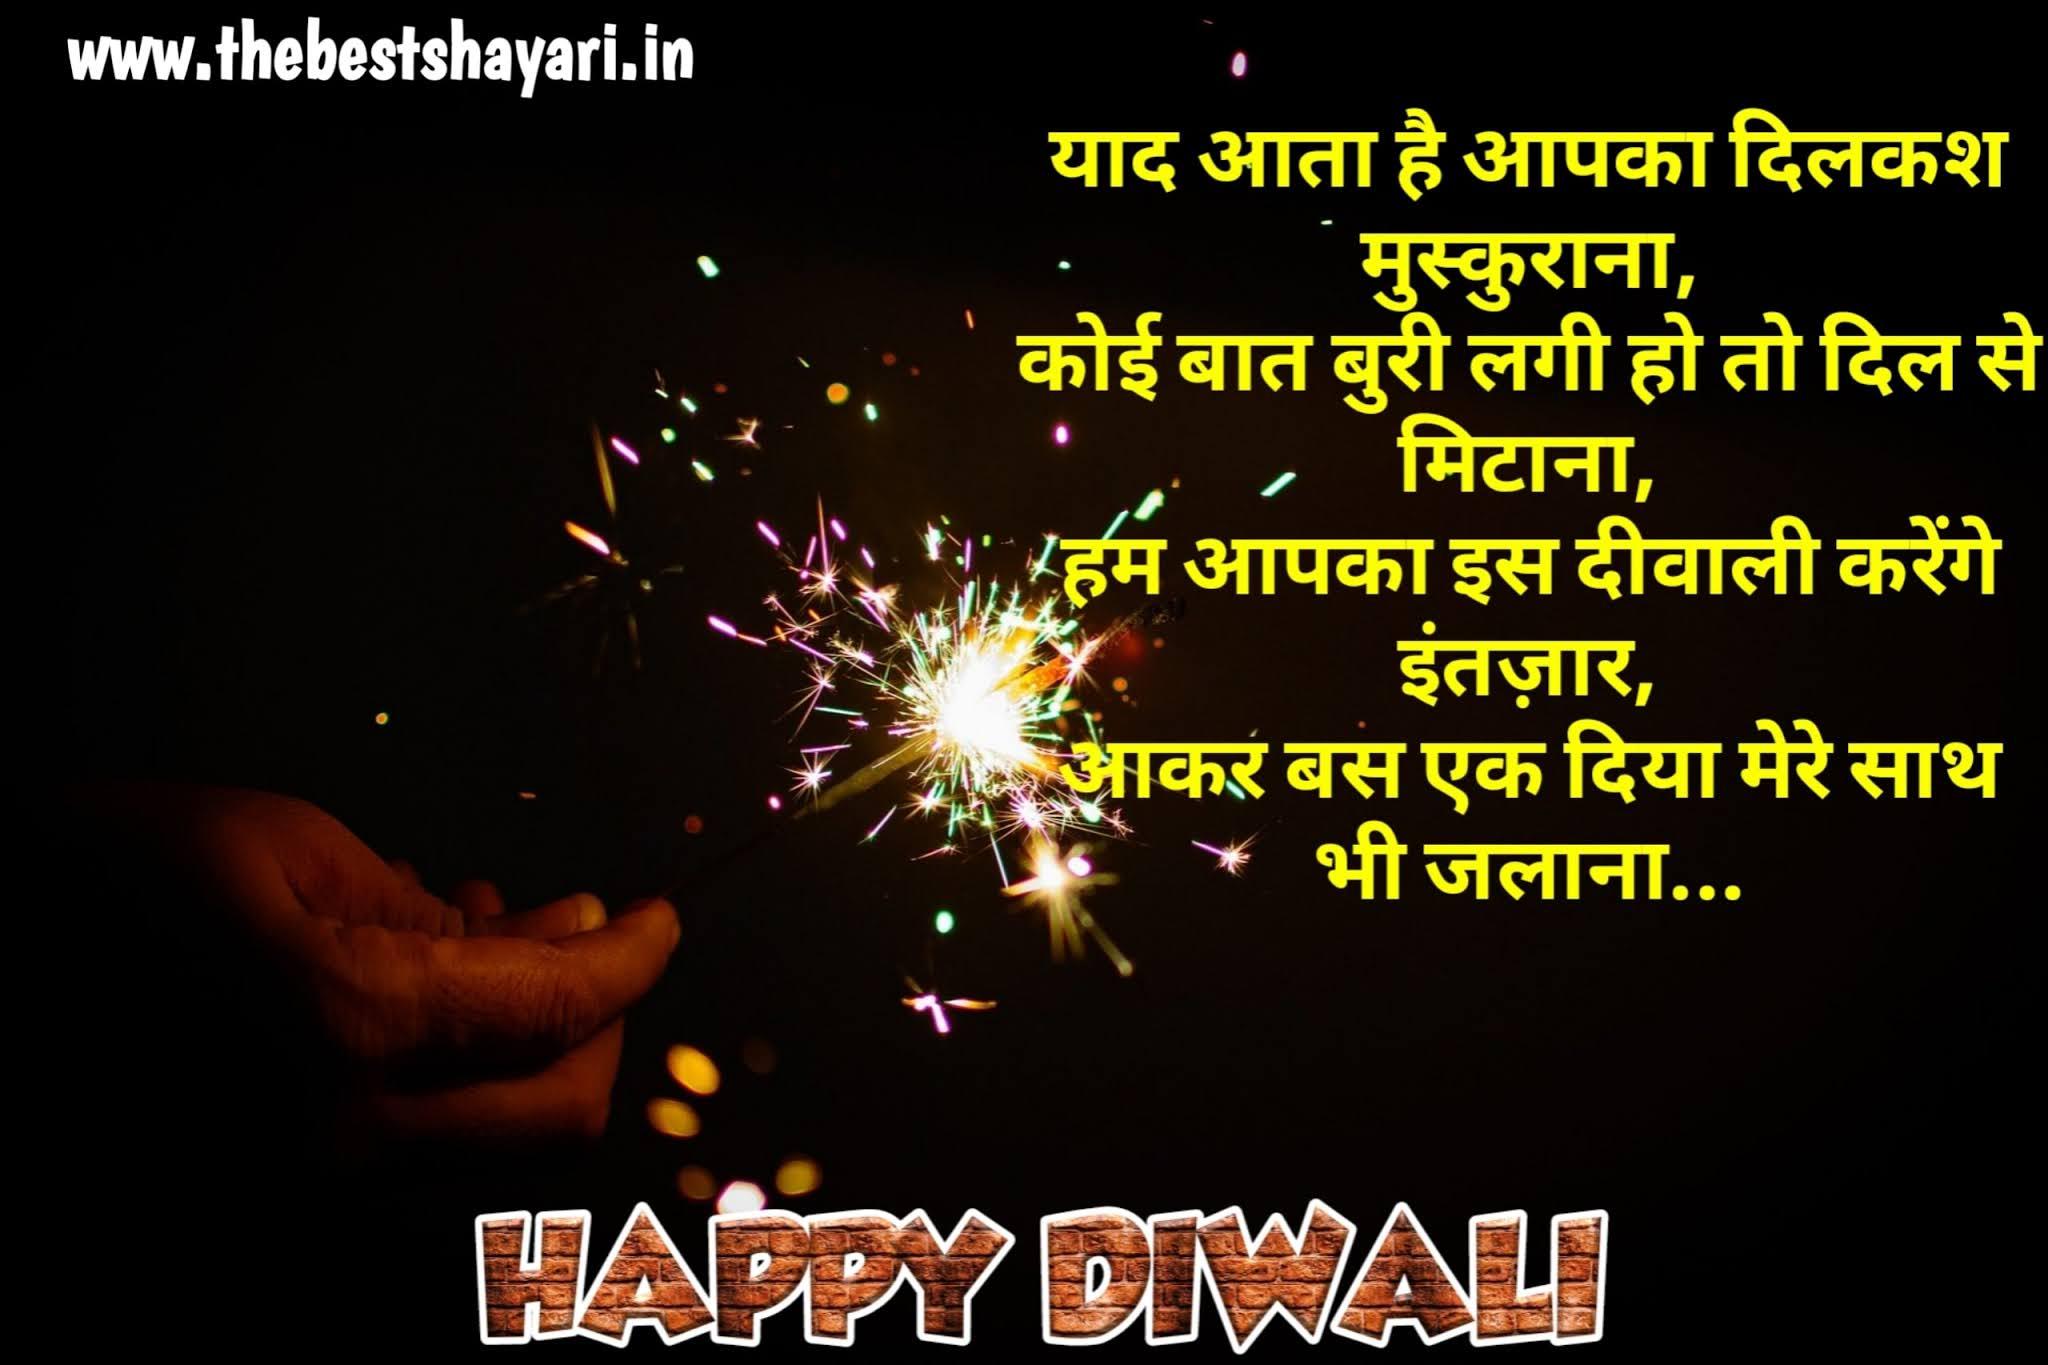 deepavali wishes Hindi